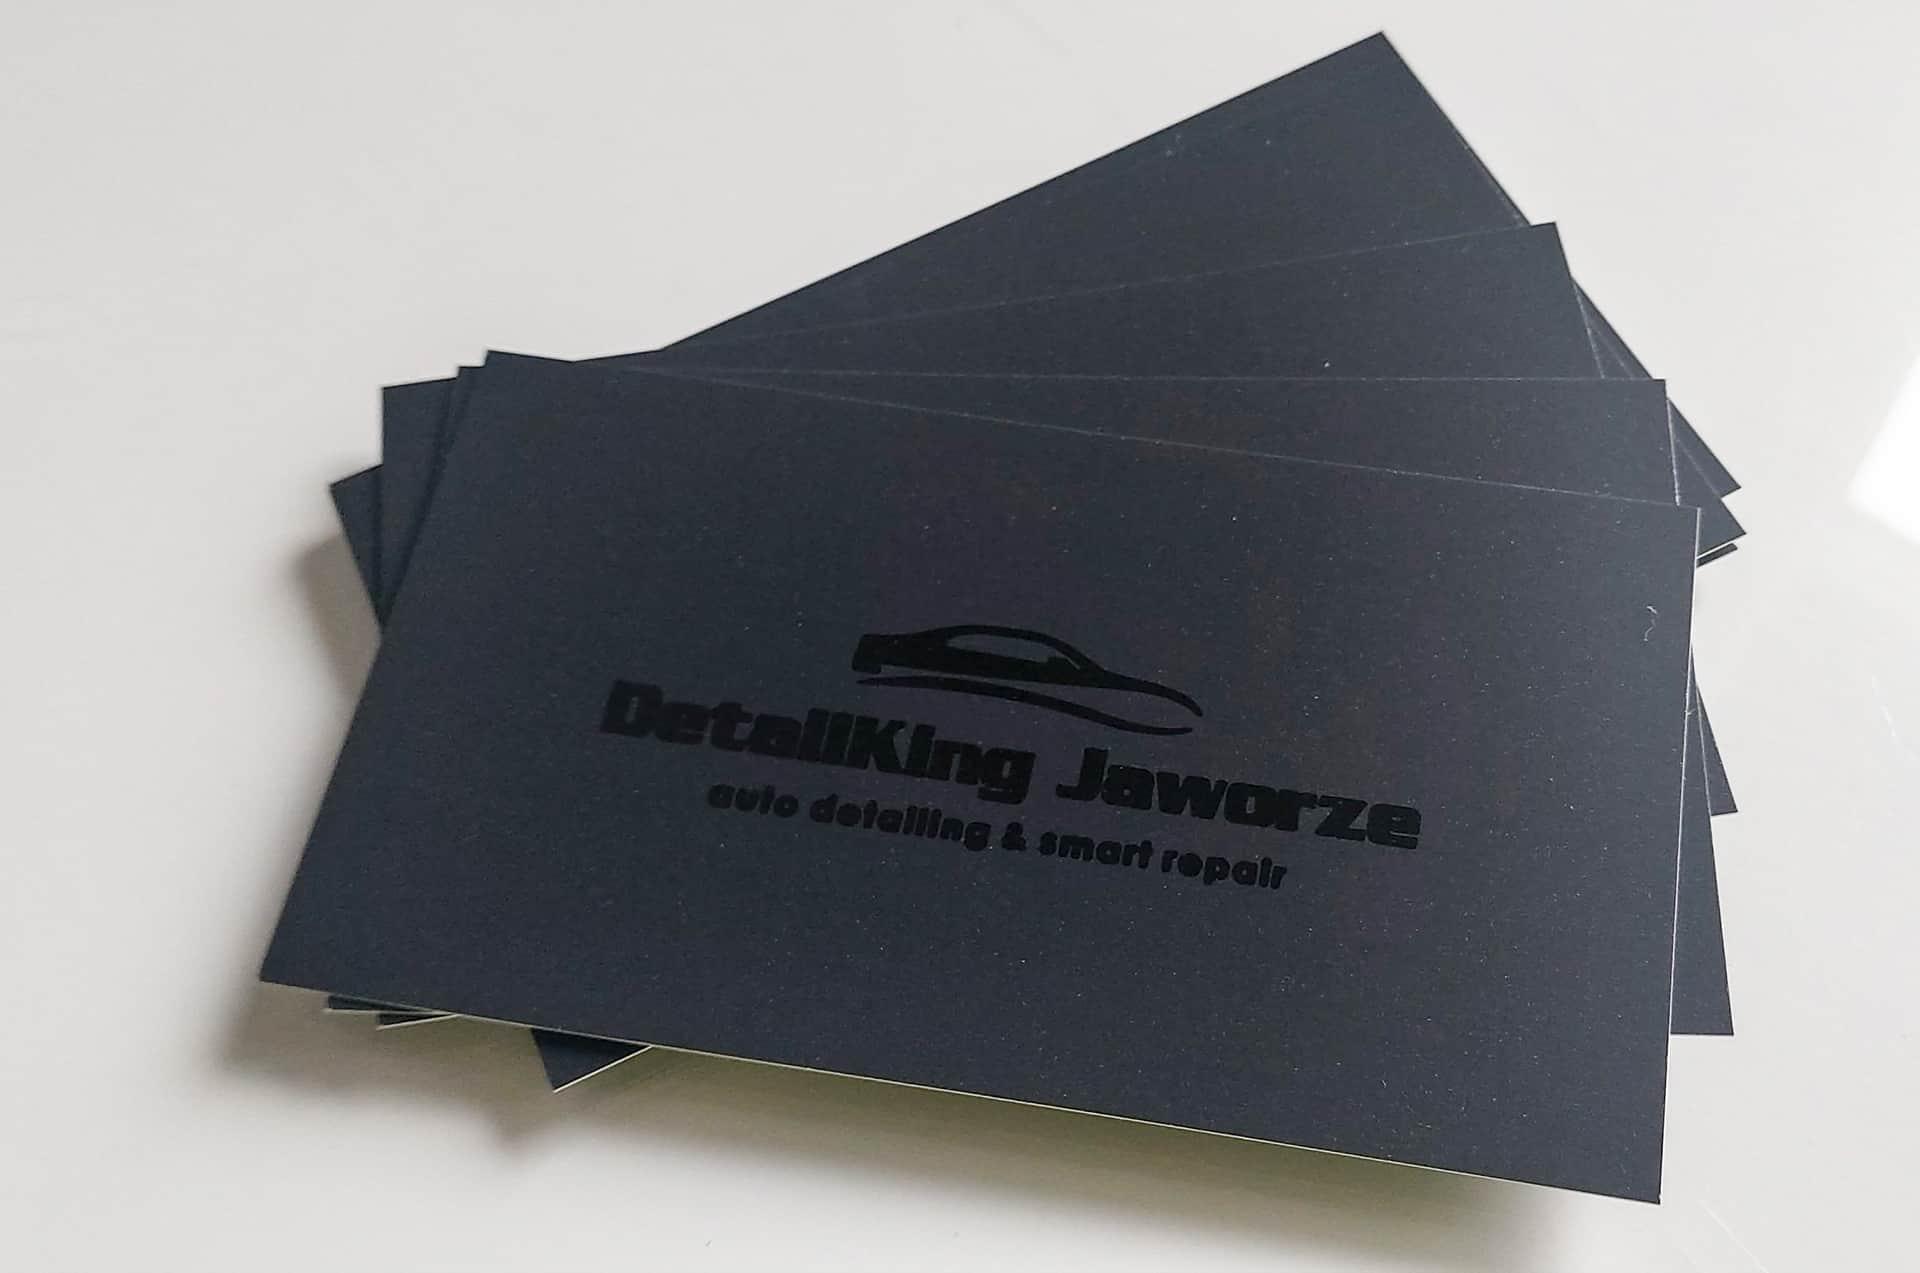 wizytówki z błyszczącym logo DetallKing Jaworze